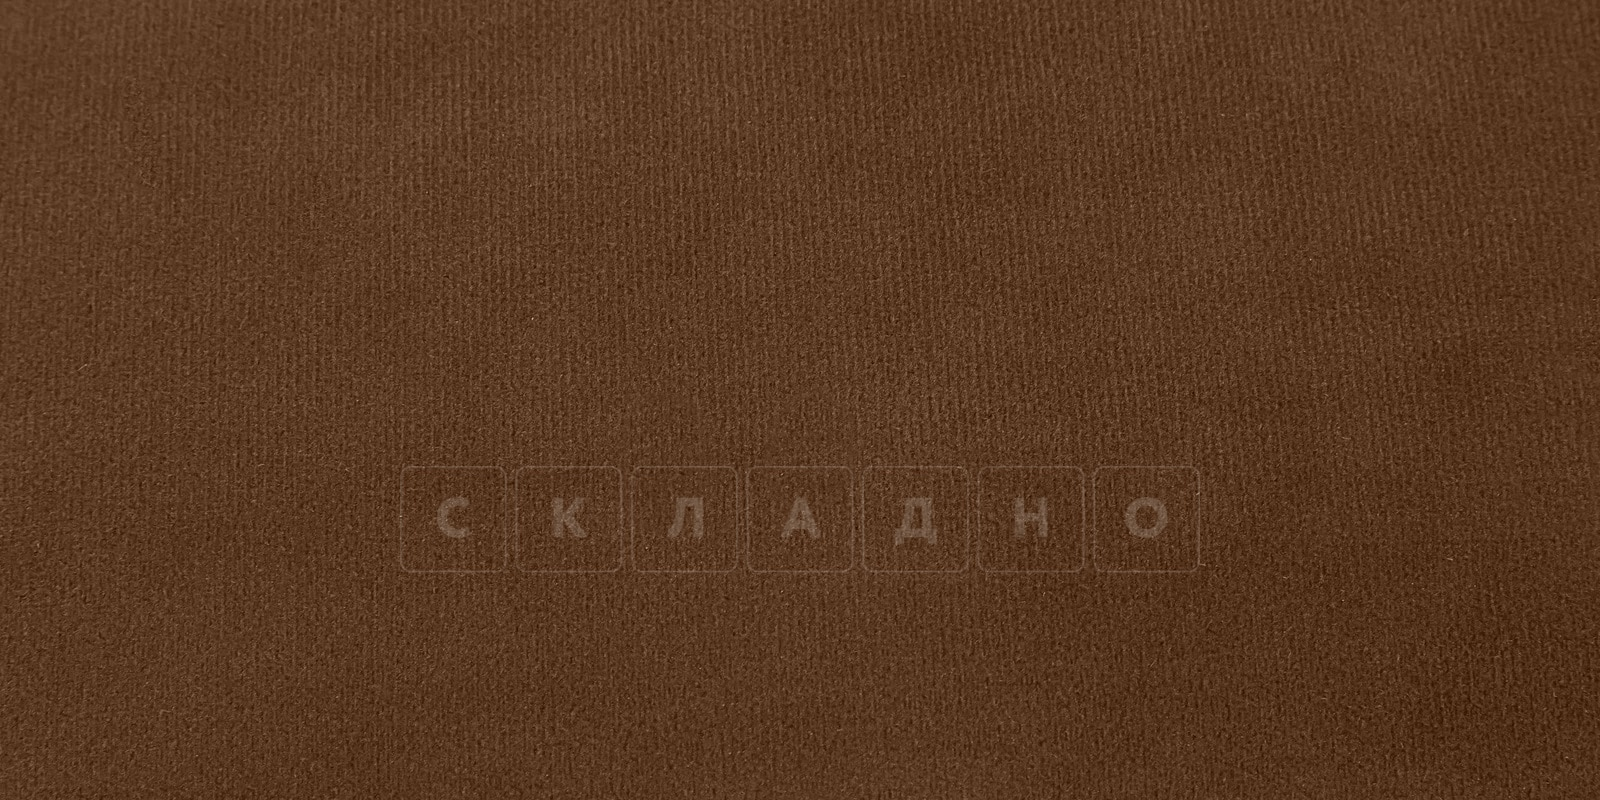 Кресло Флэтфорд велюр коричневый с бежевым кантом фото 7 | интернет-магазин Складно